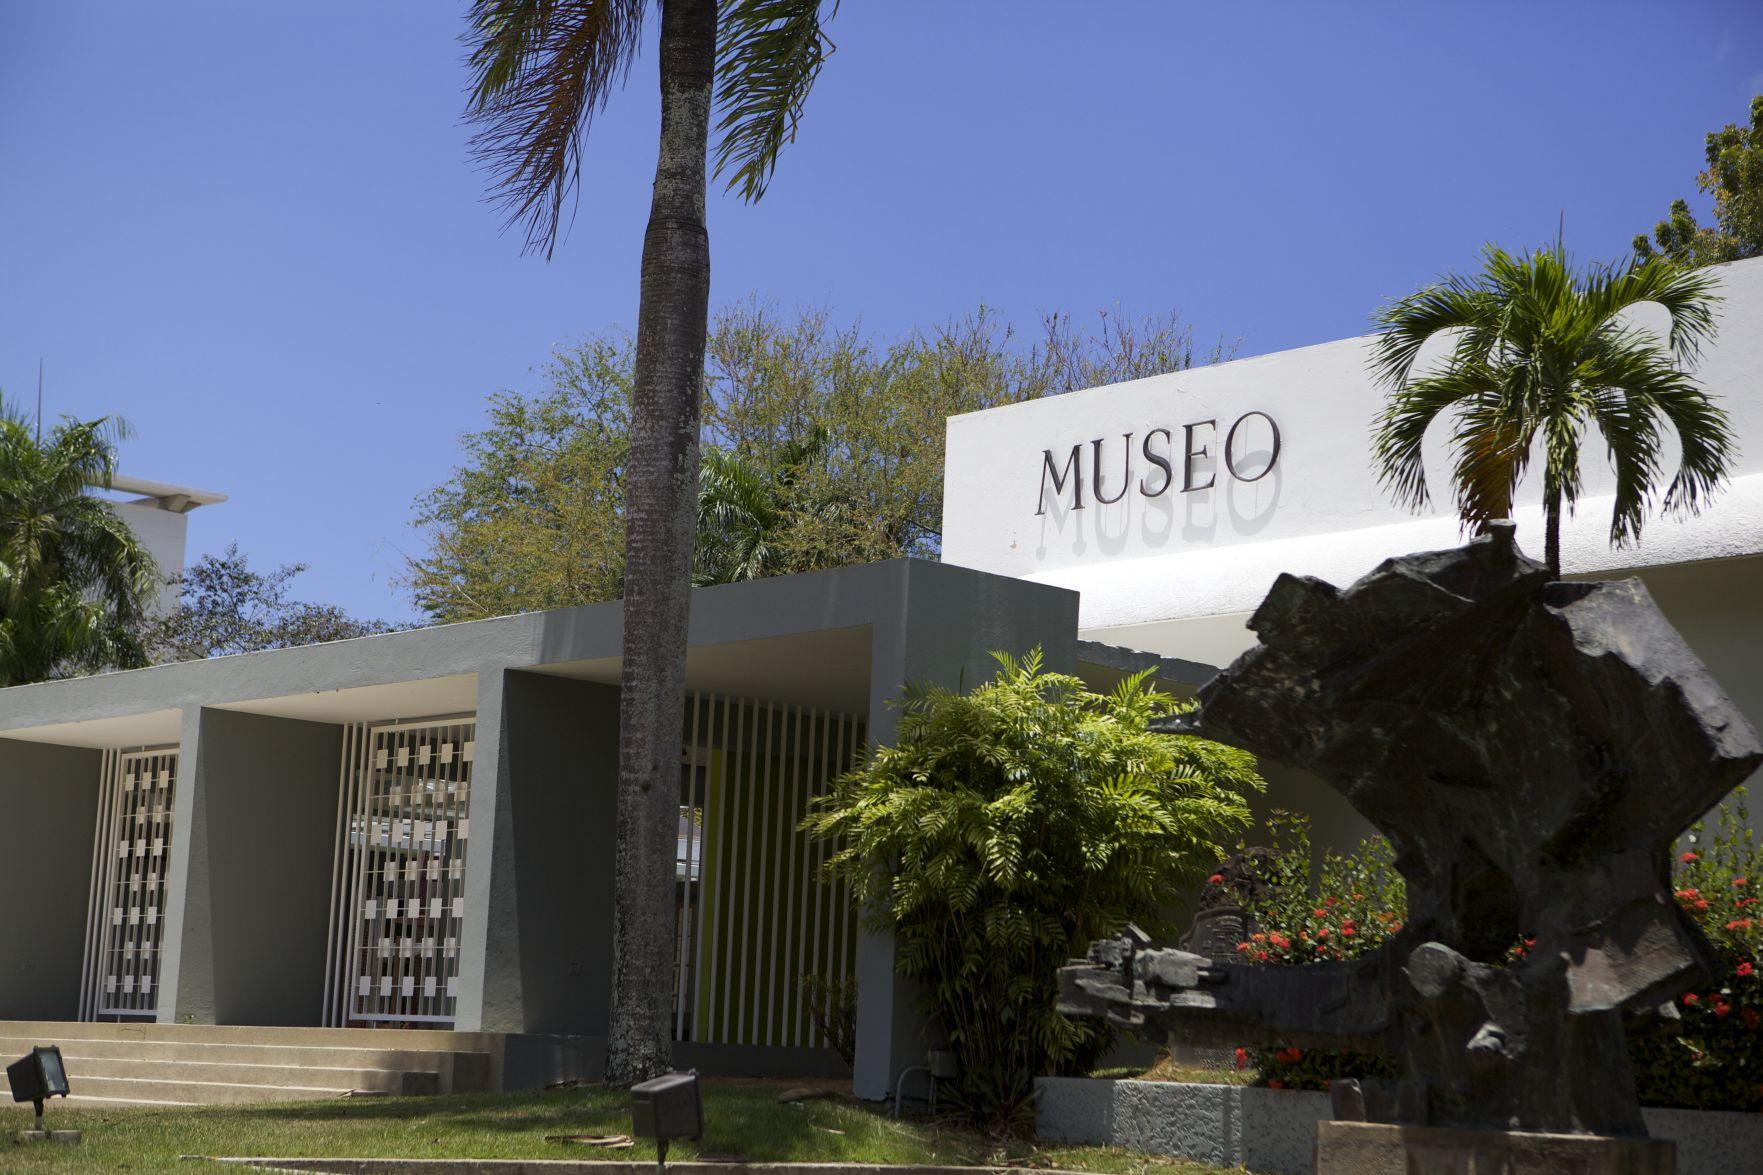 Talleres de verano en el Museo UPR para personas 55+